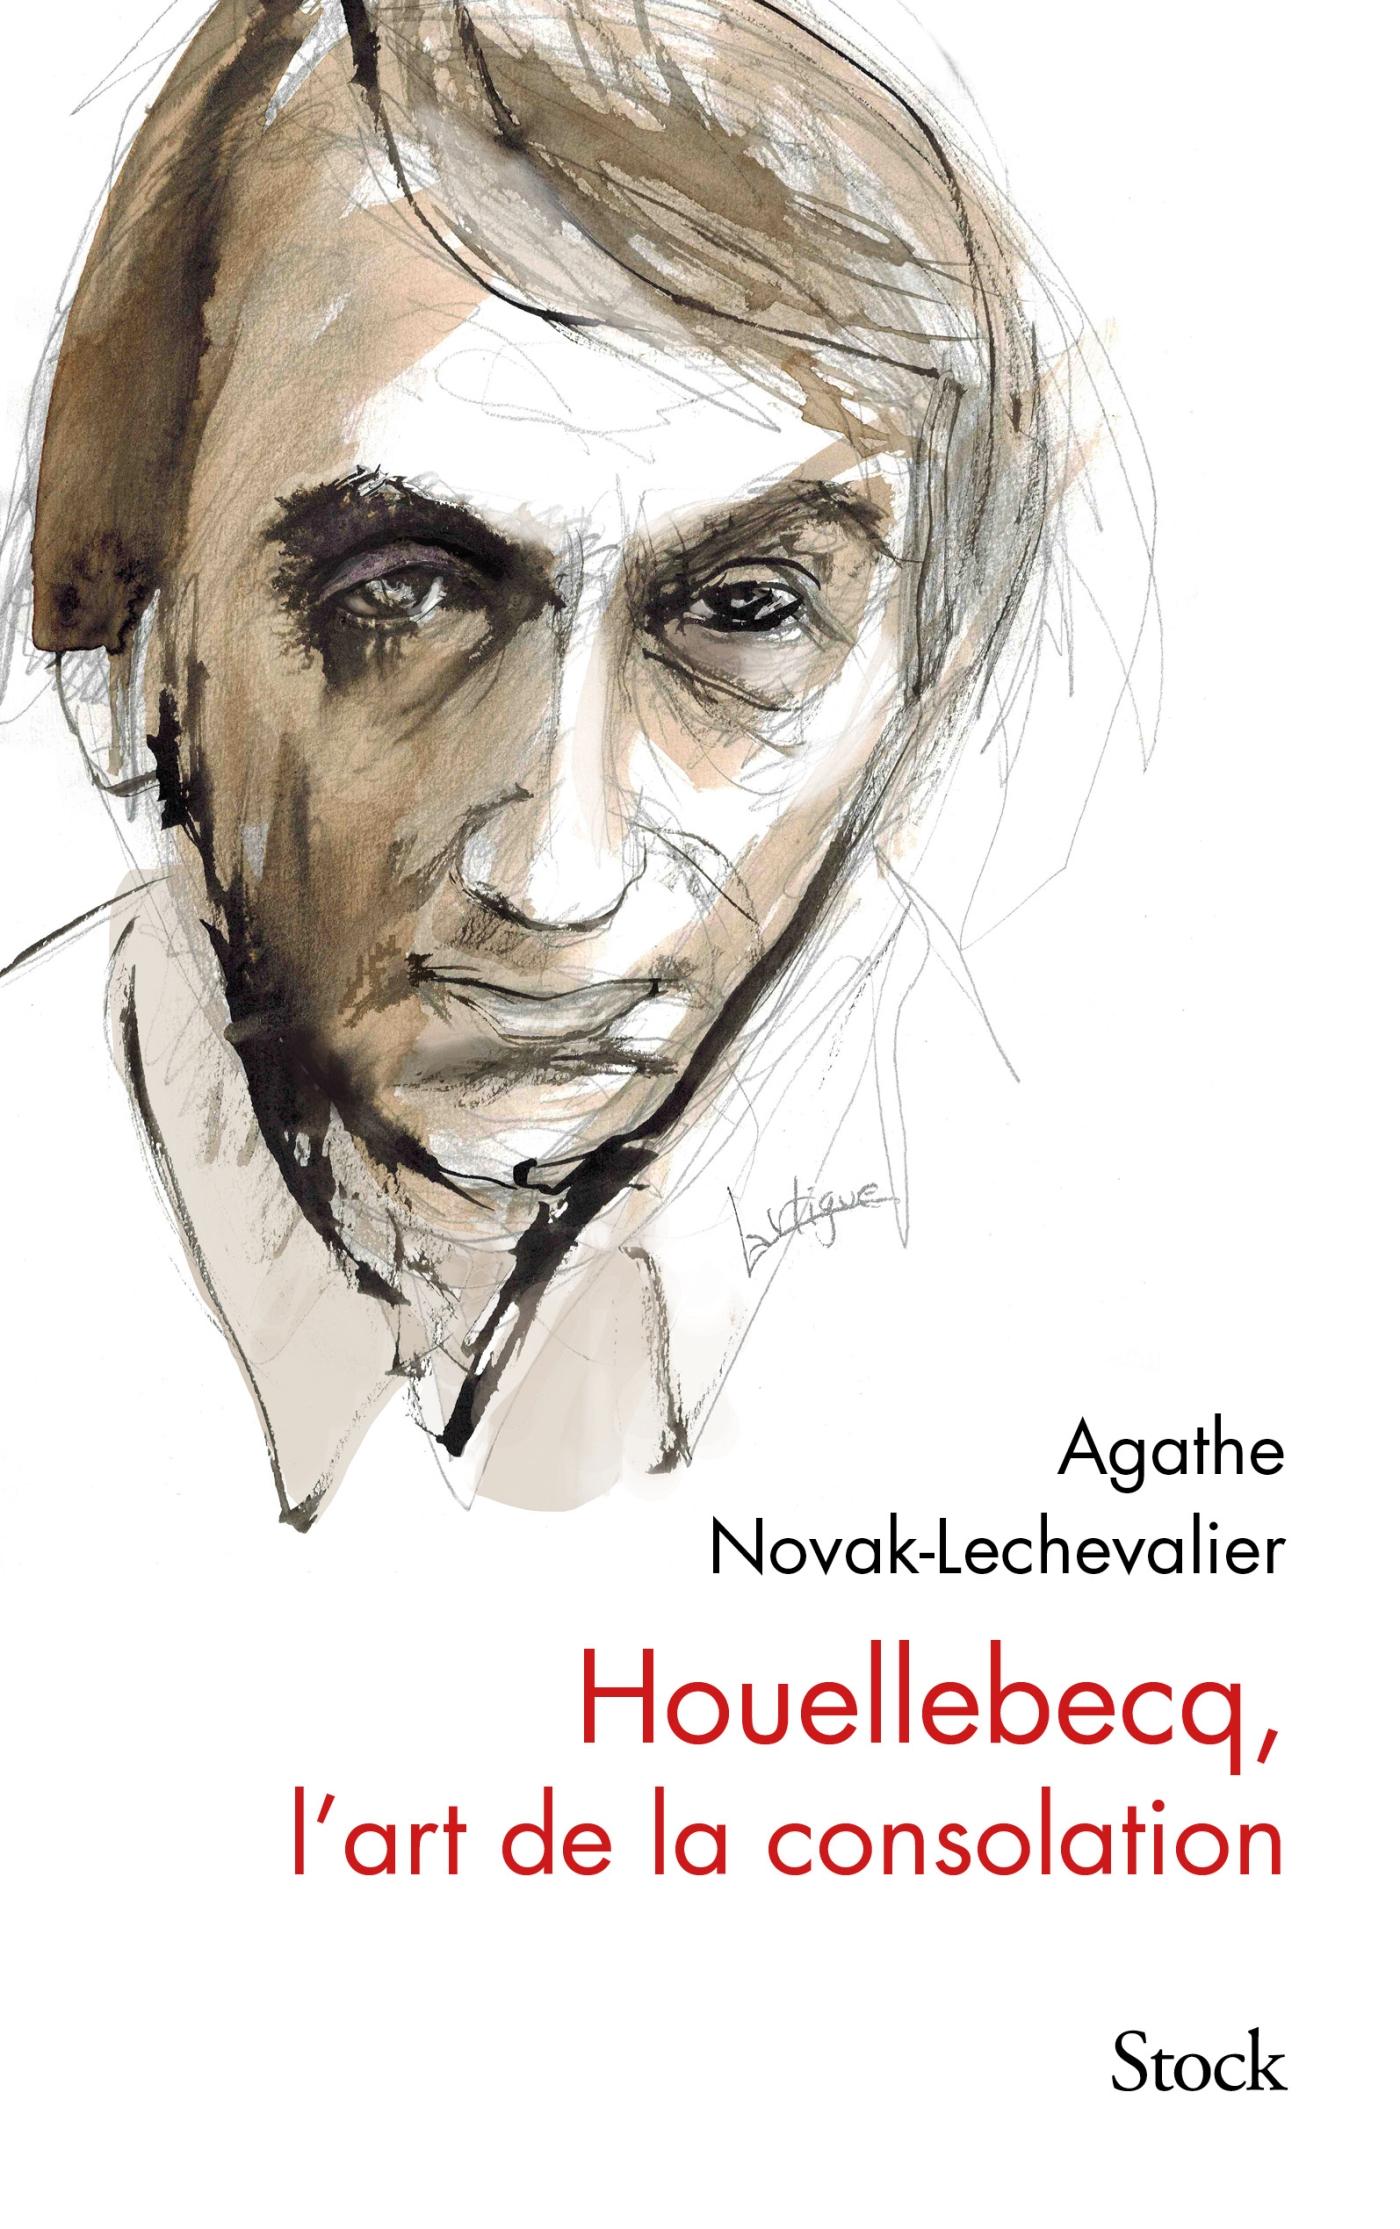 Houellebecq, l'art de la consolation